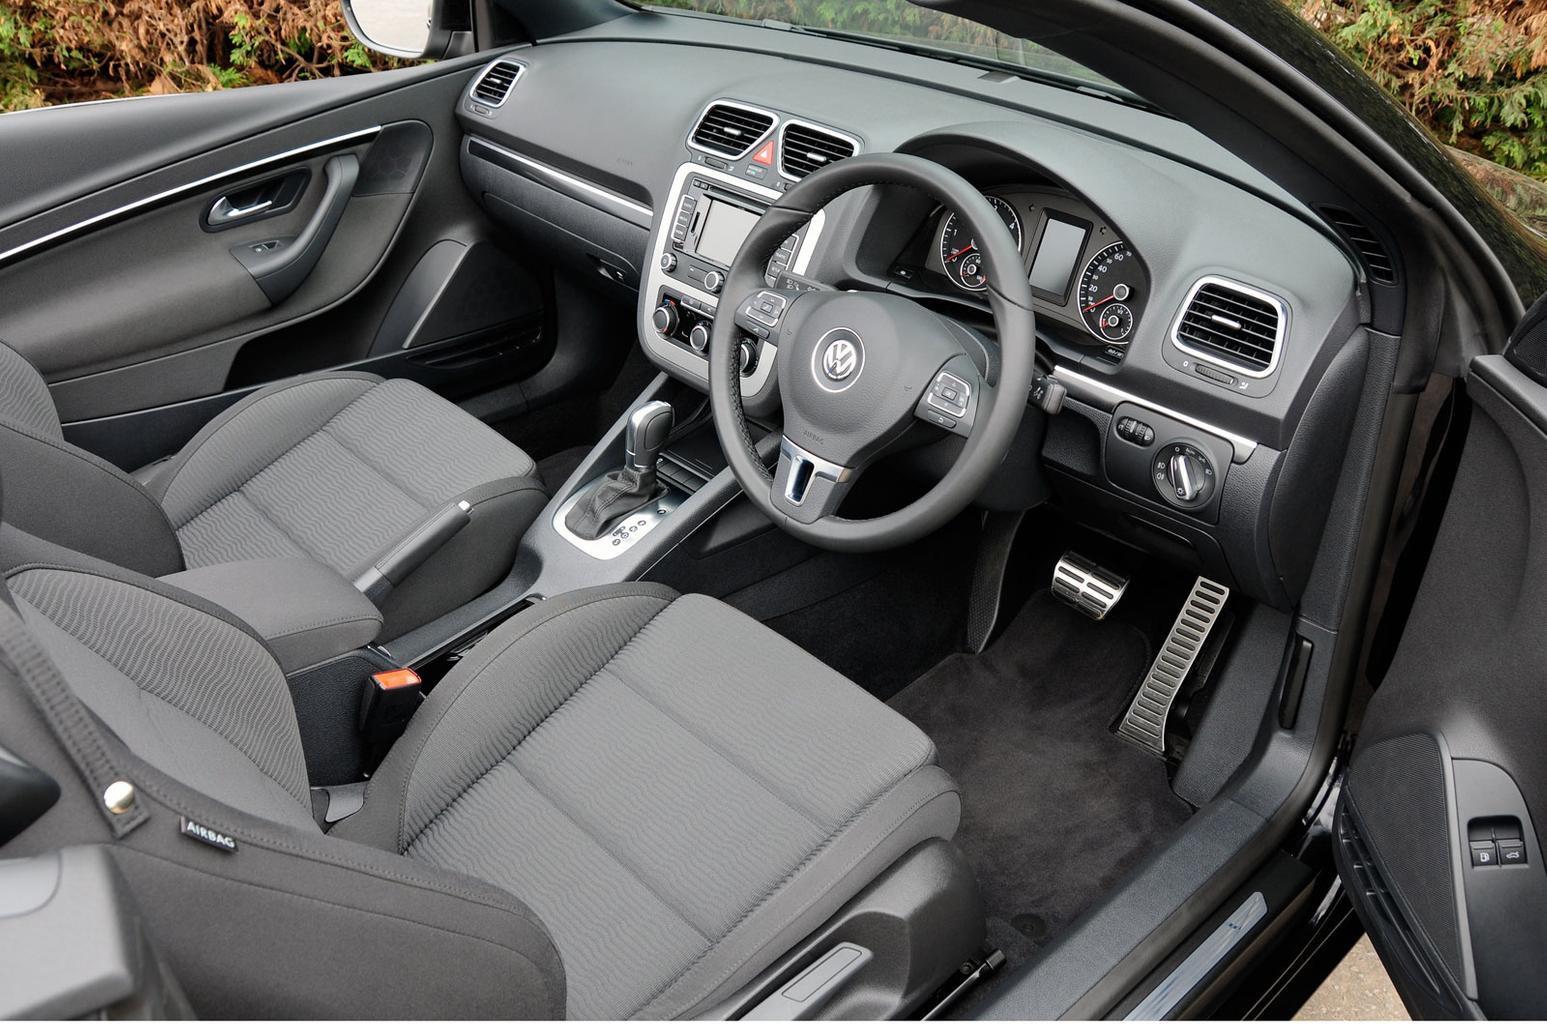 Volkswagen Eos Coupe Cabriolet